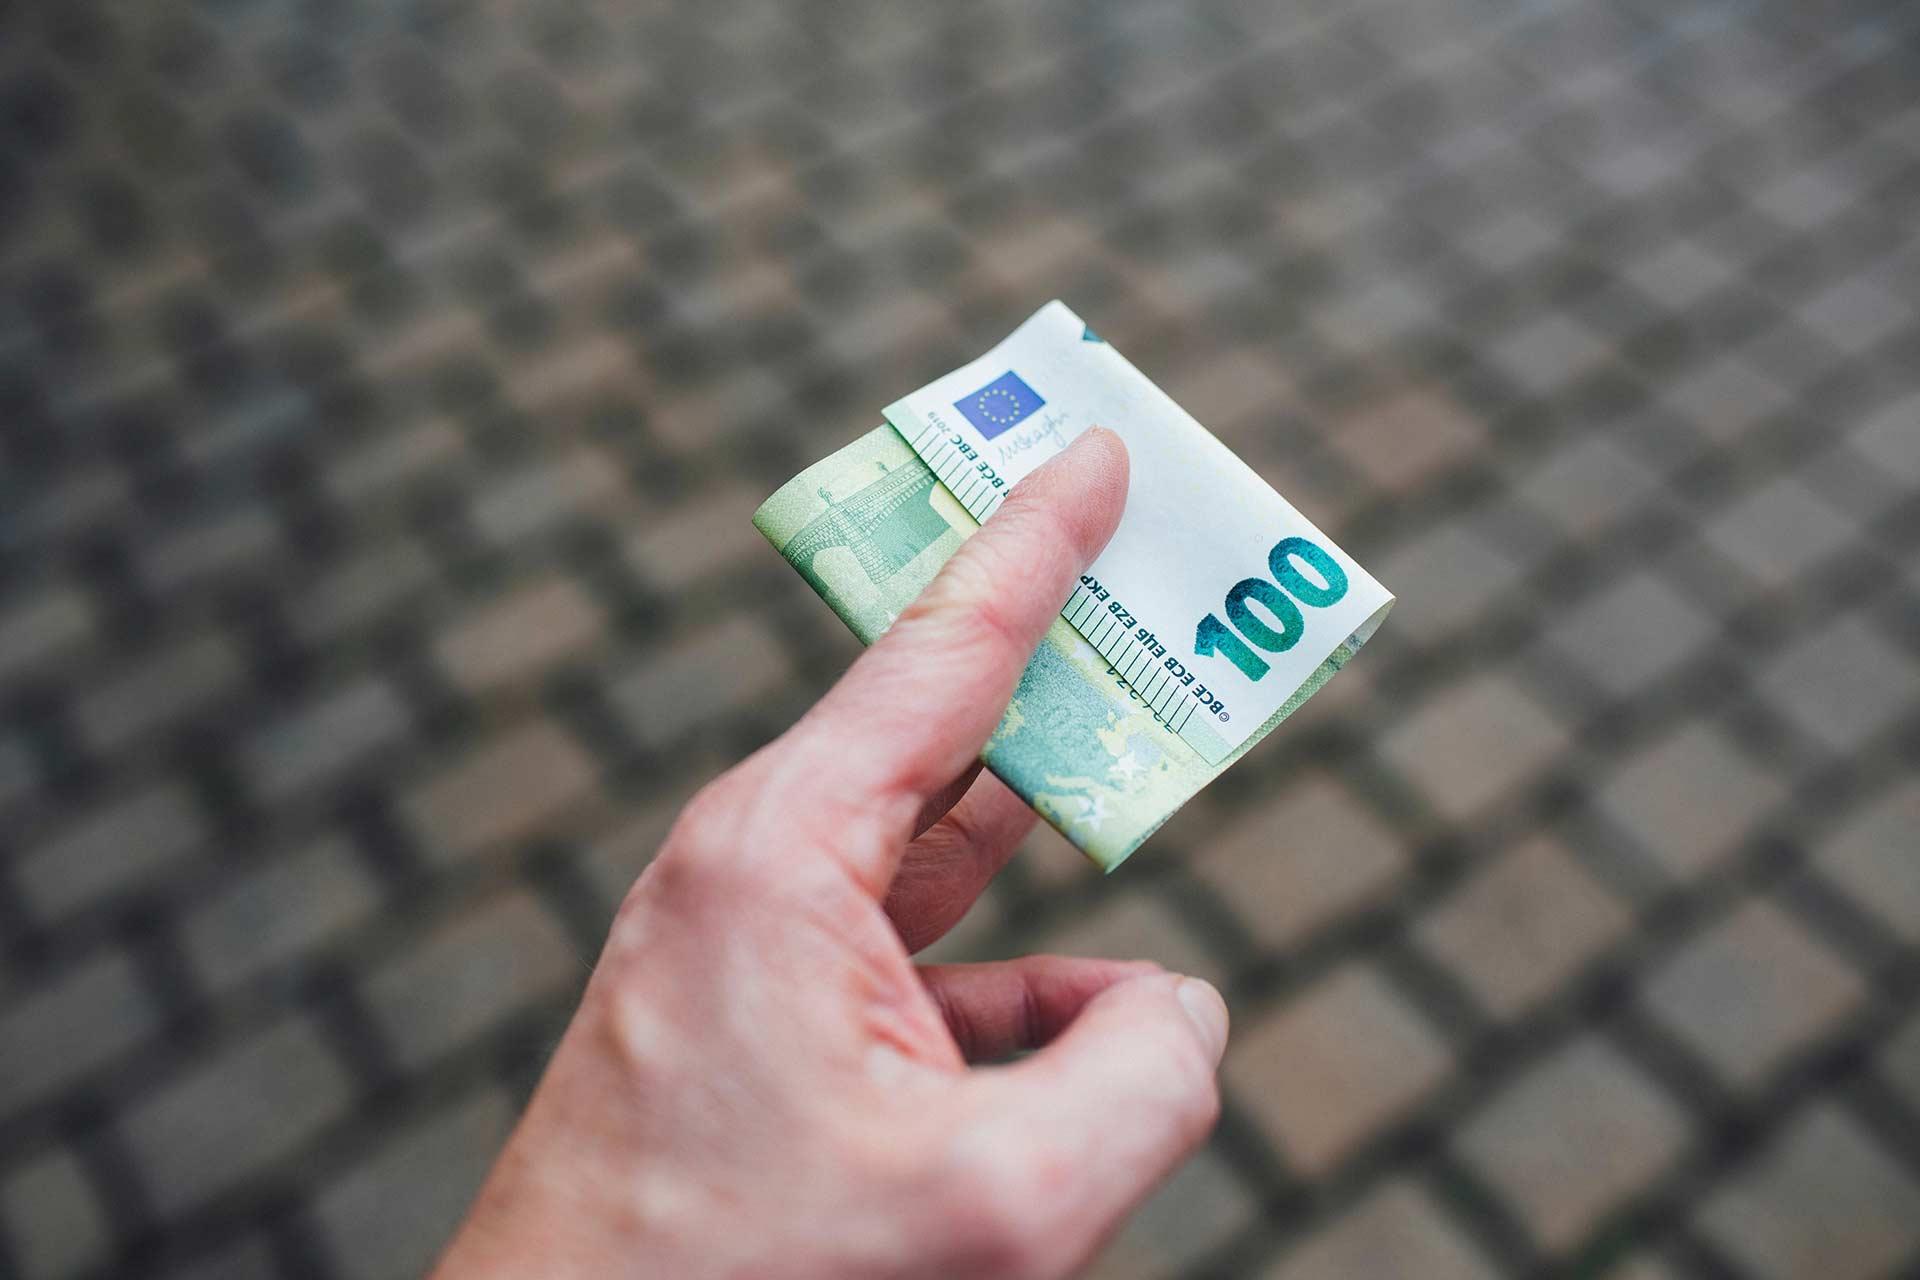 Petición inicial de procedimiento monitorio por impago de préstamo